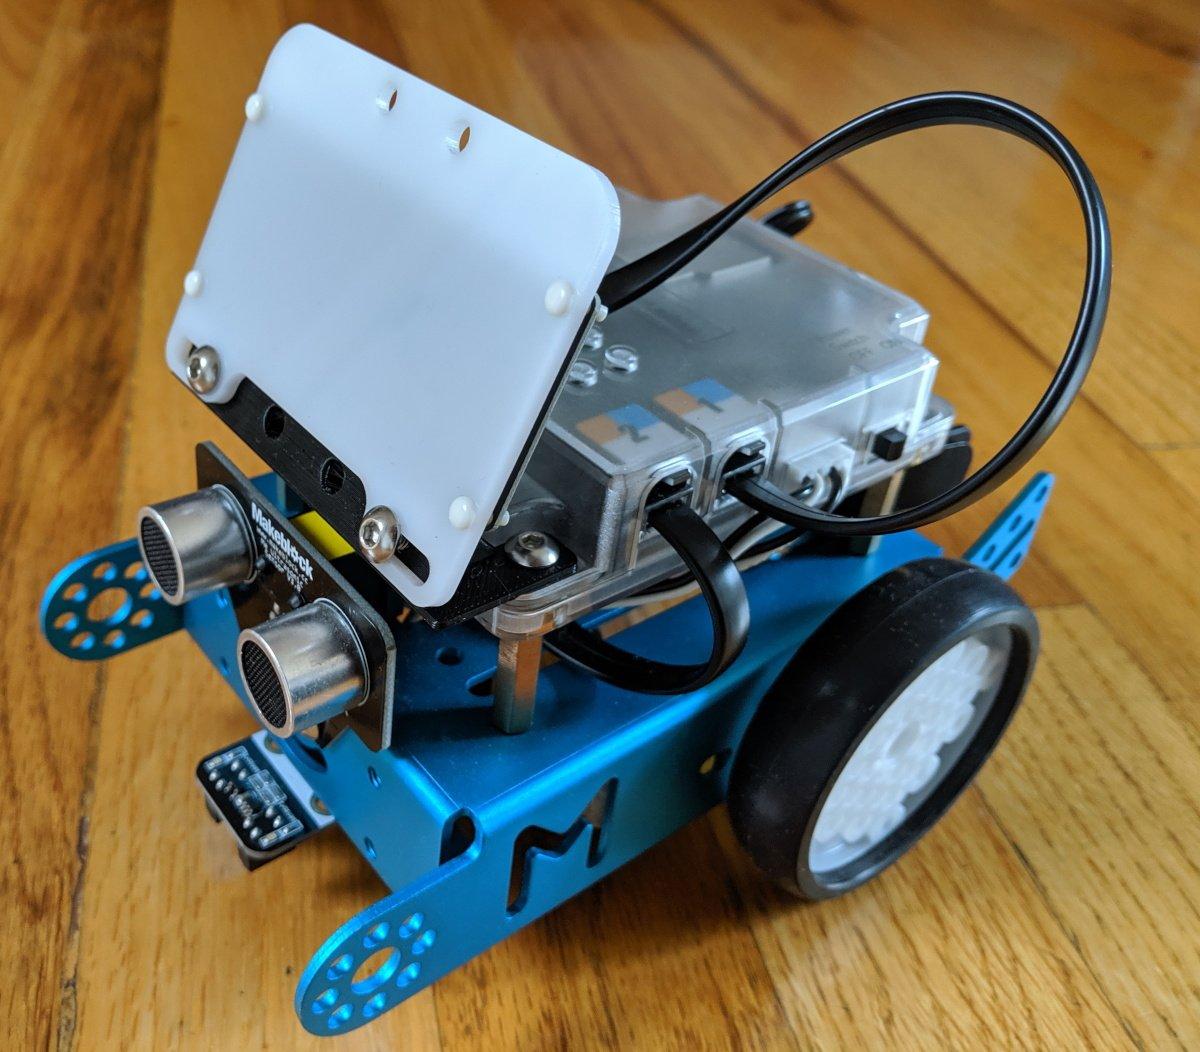 mBot face display led matrix mount